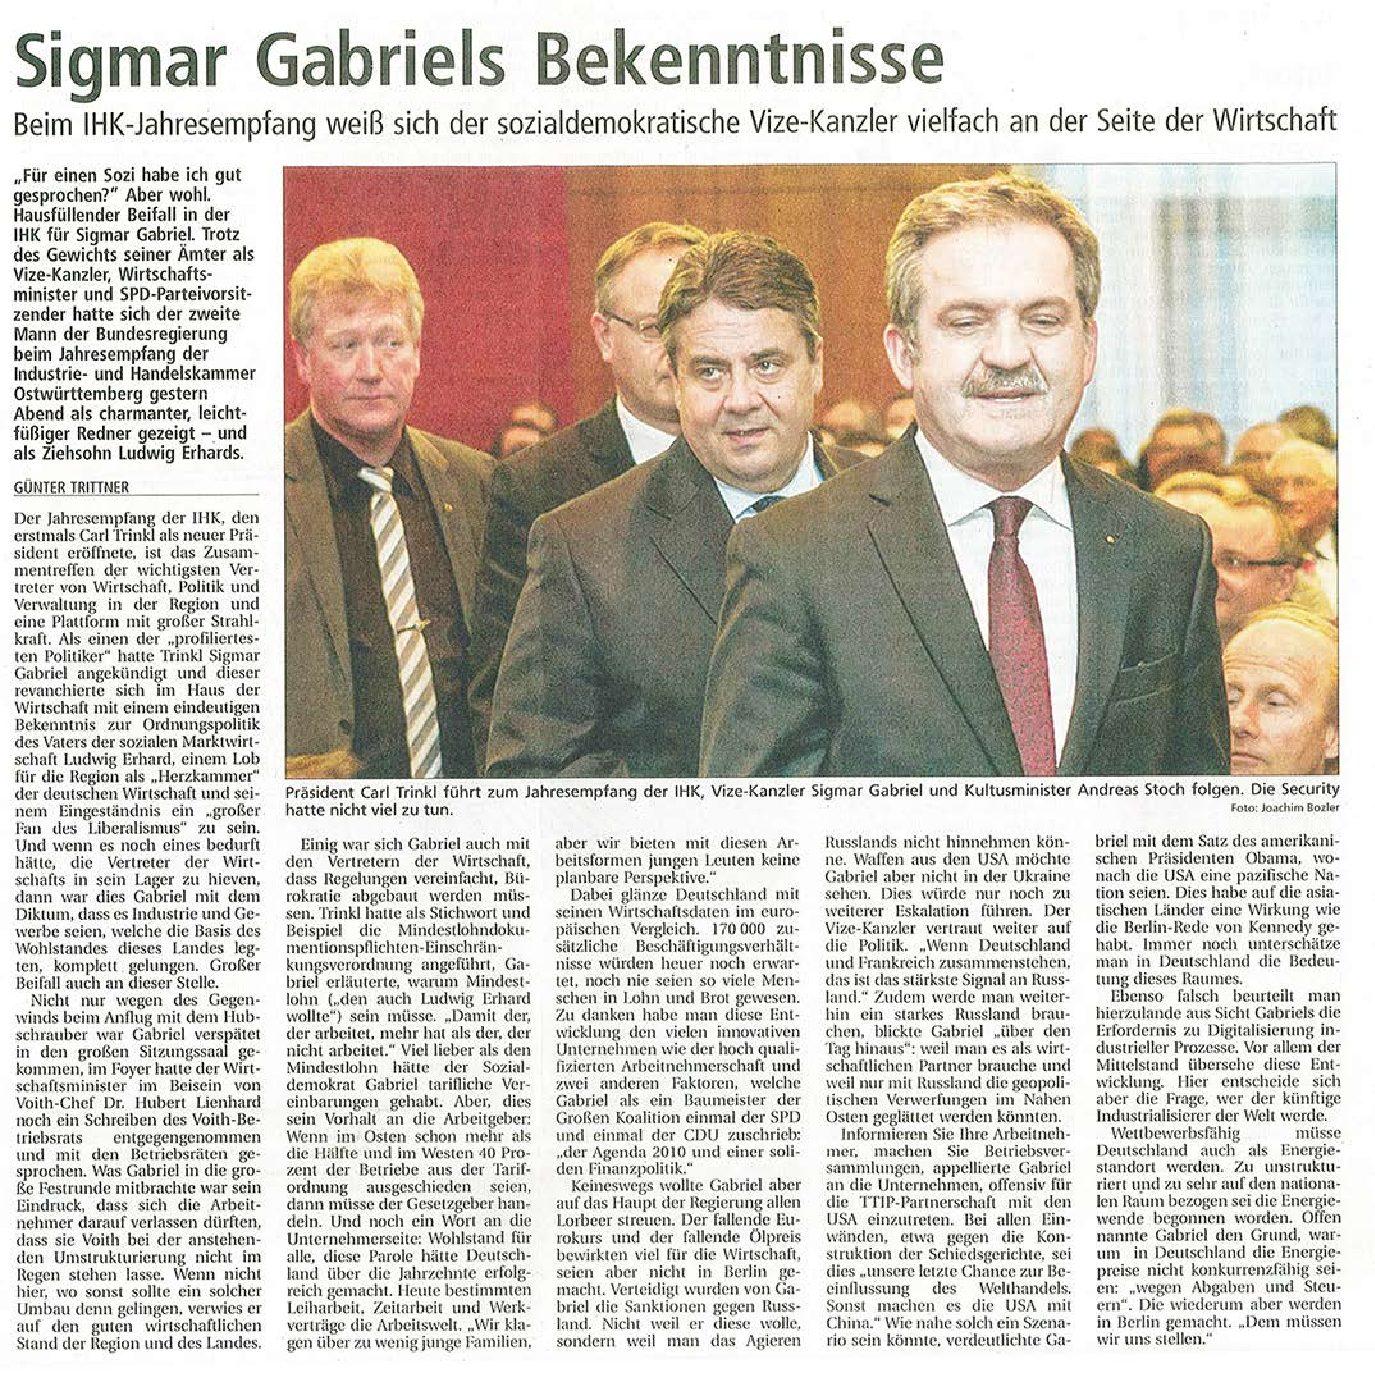 IHK-Jahresempfang mit Sigmar Gabriel